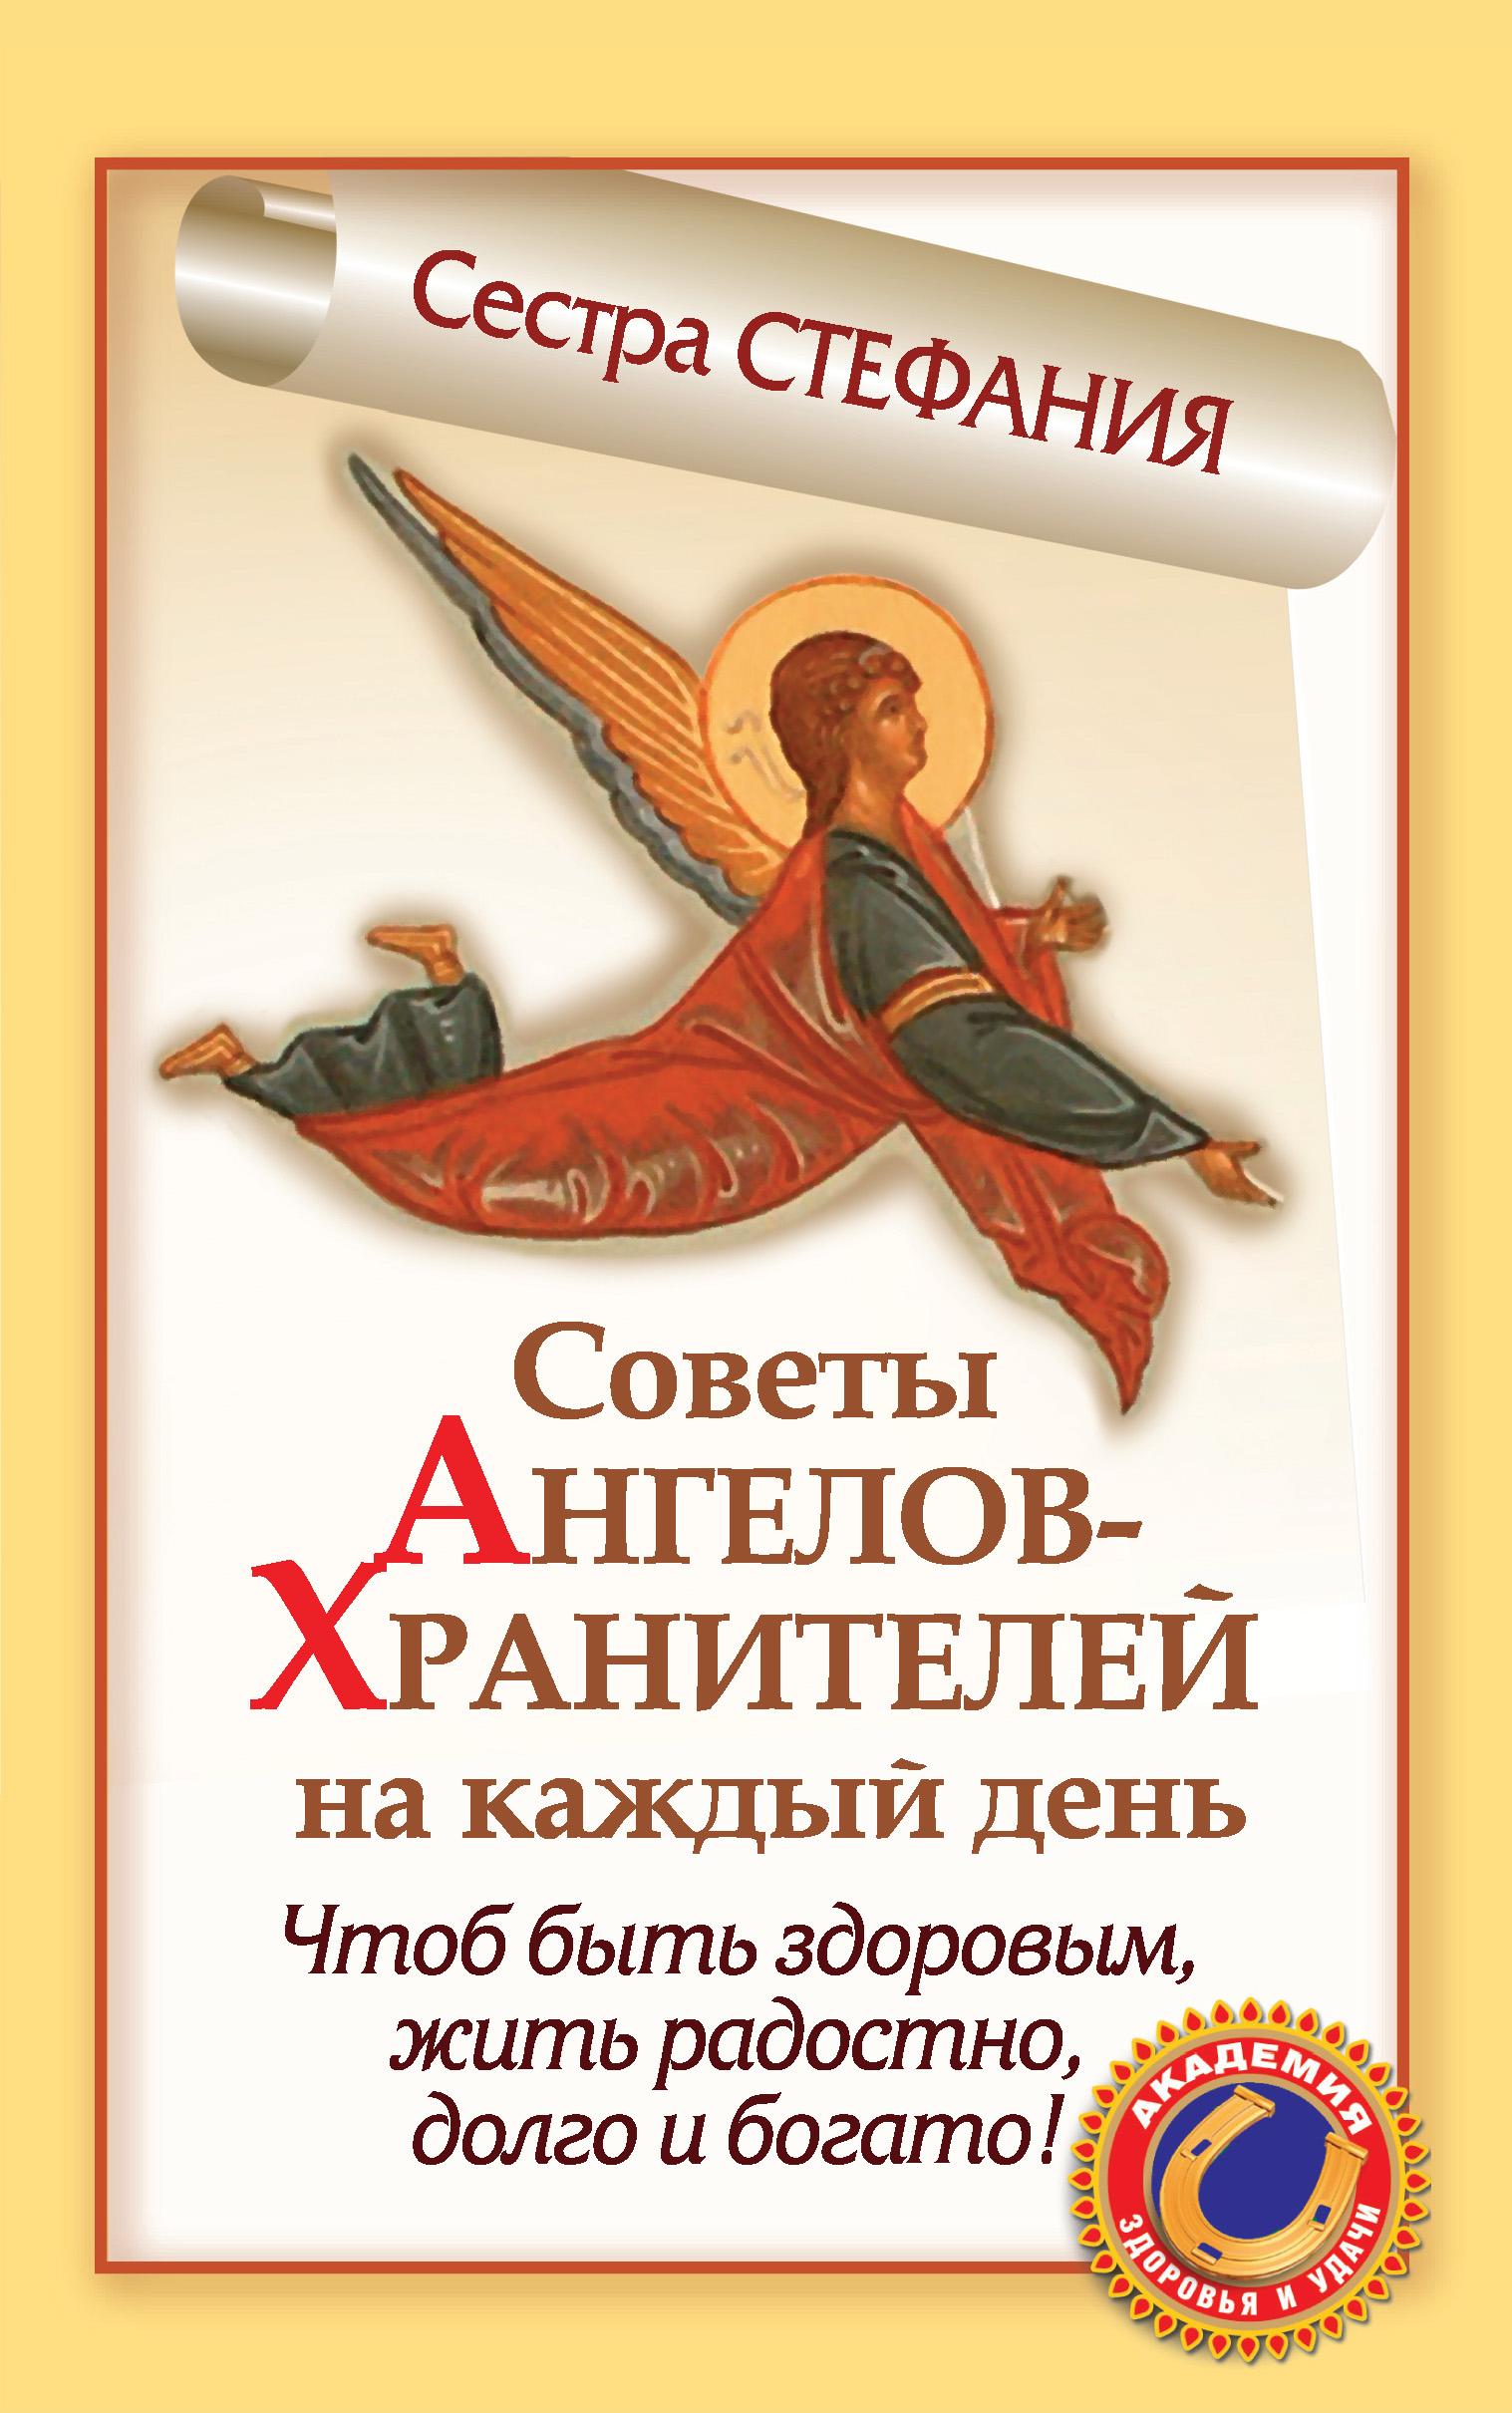 Сестра Стефания Советы Ангелов-Хранителей на каждый день. Чтобы быть здоровым, жить радостно, долго и богато! грюн а 50 ангелов на год книга вдохновений